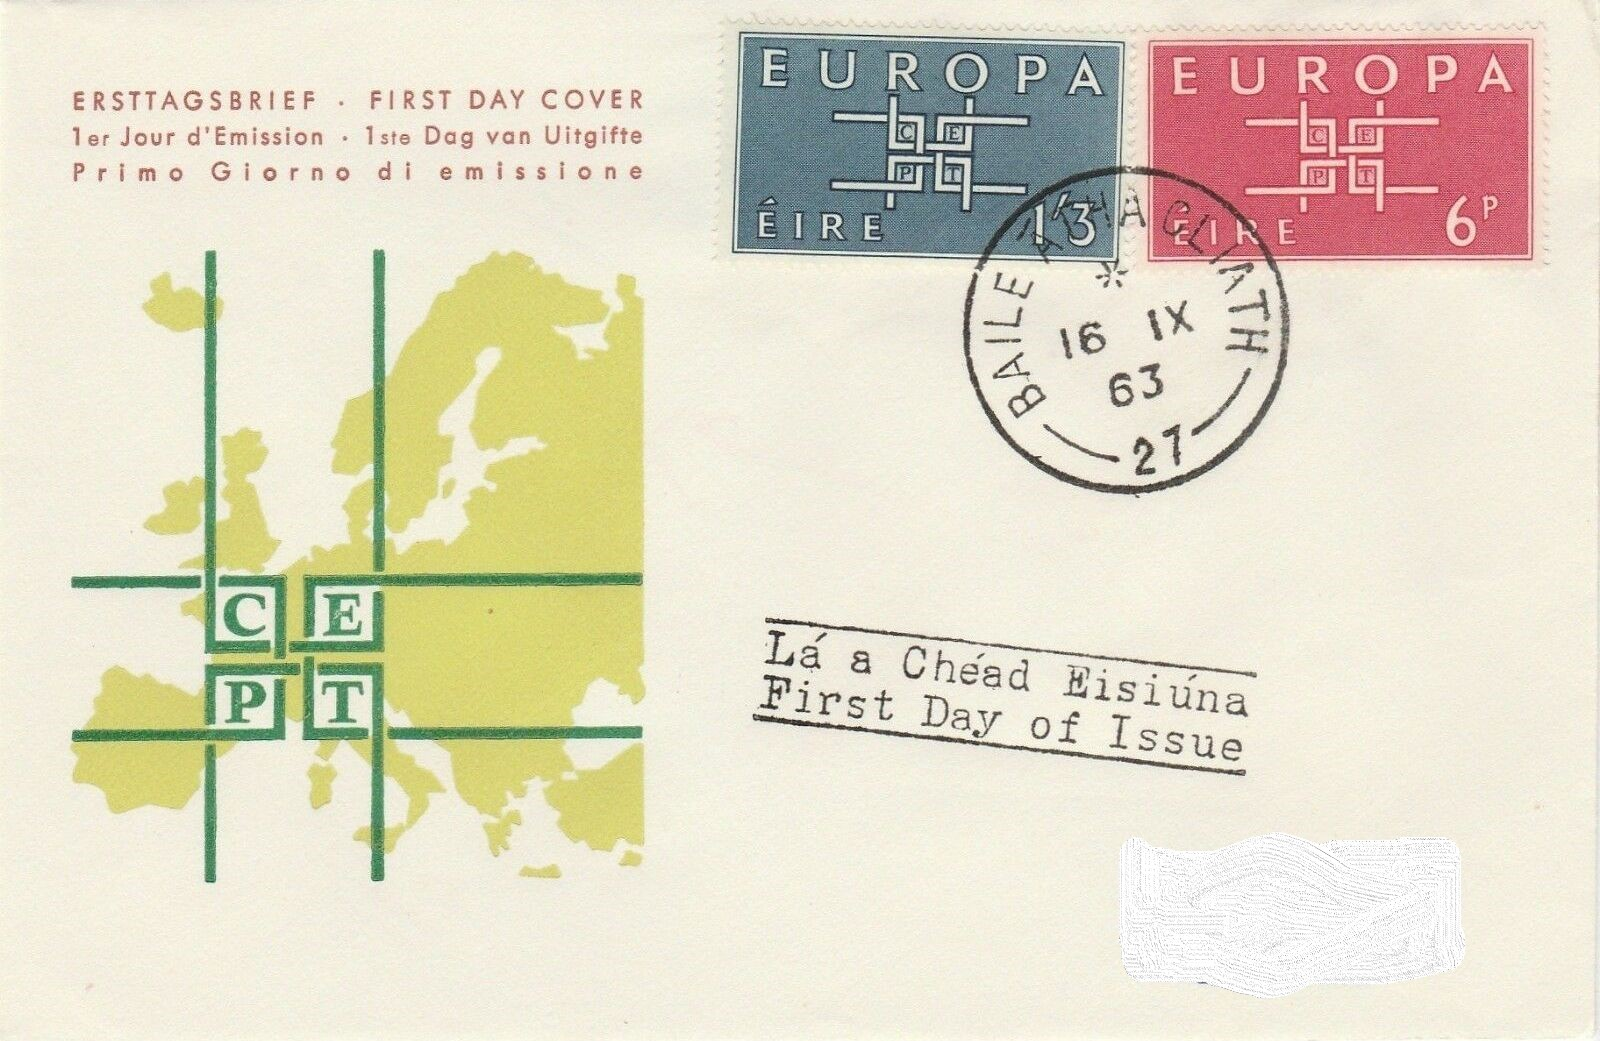 Ireland 1963 Europa FDCg.jpg